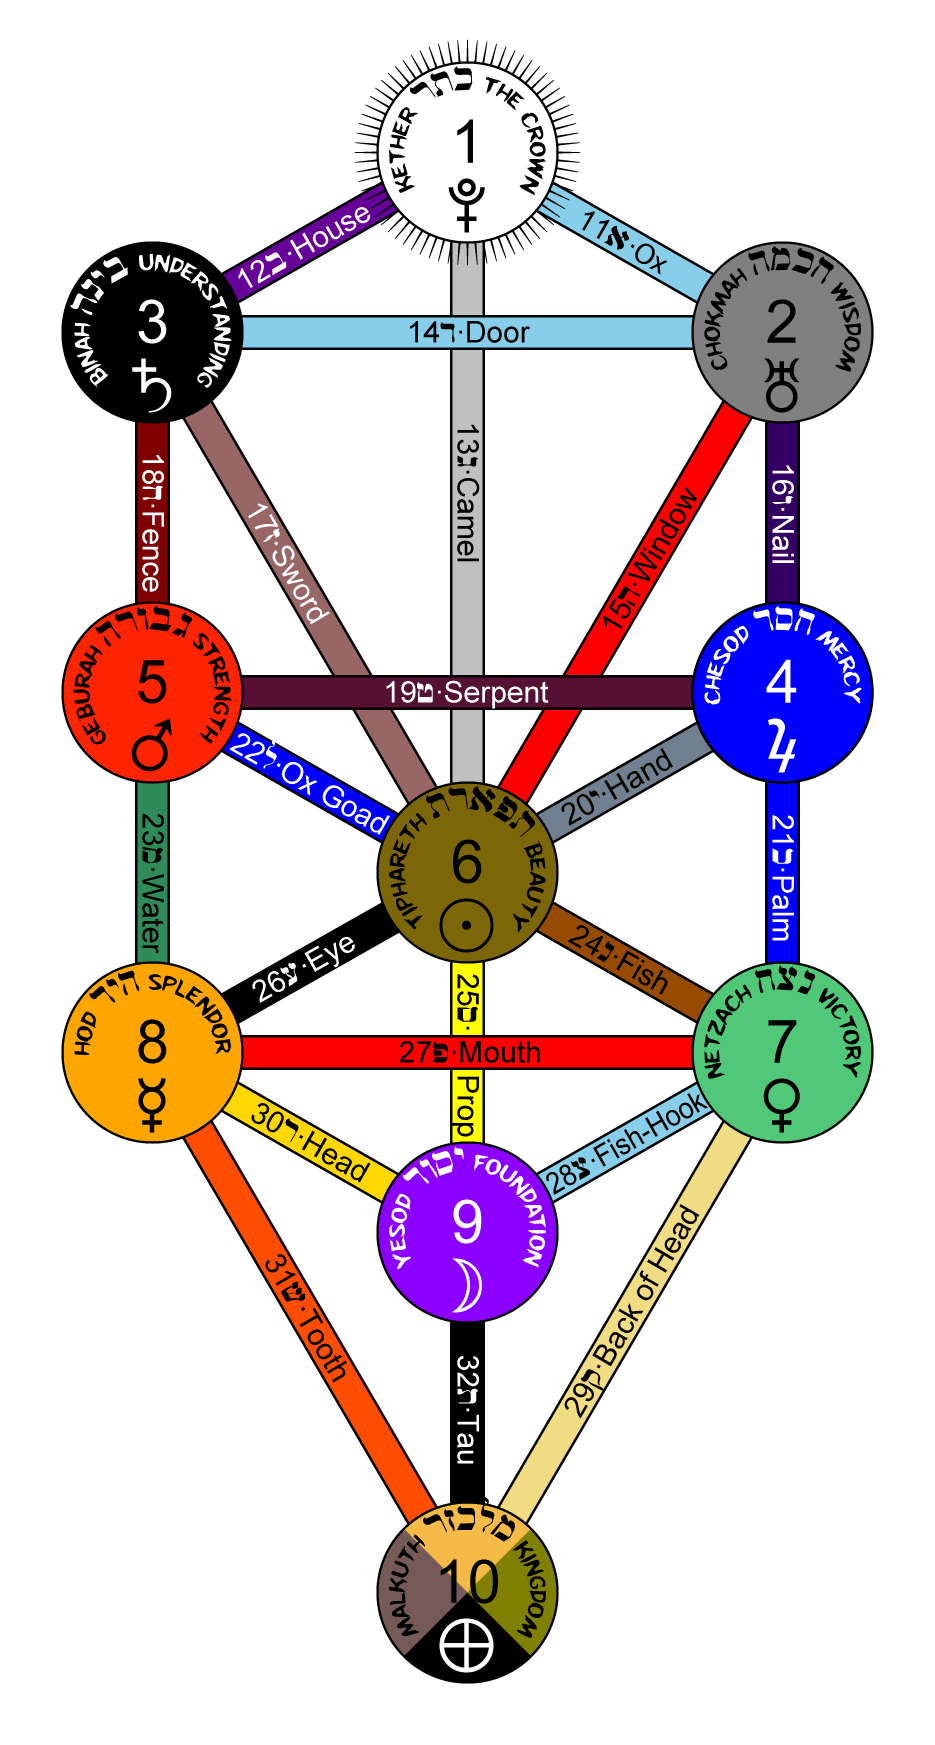 ten sefirot of kabbalah jewish mysticism  [ 935 x 1745 Pixel ]